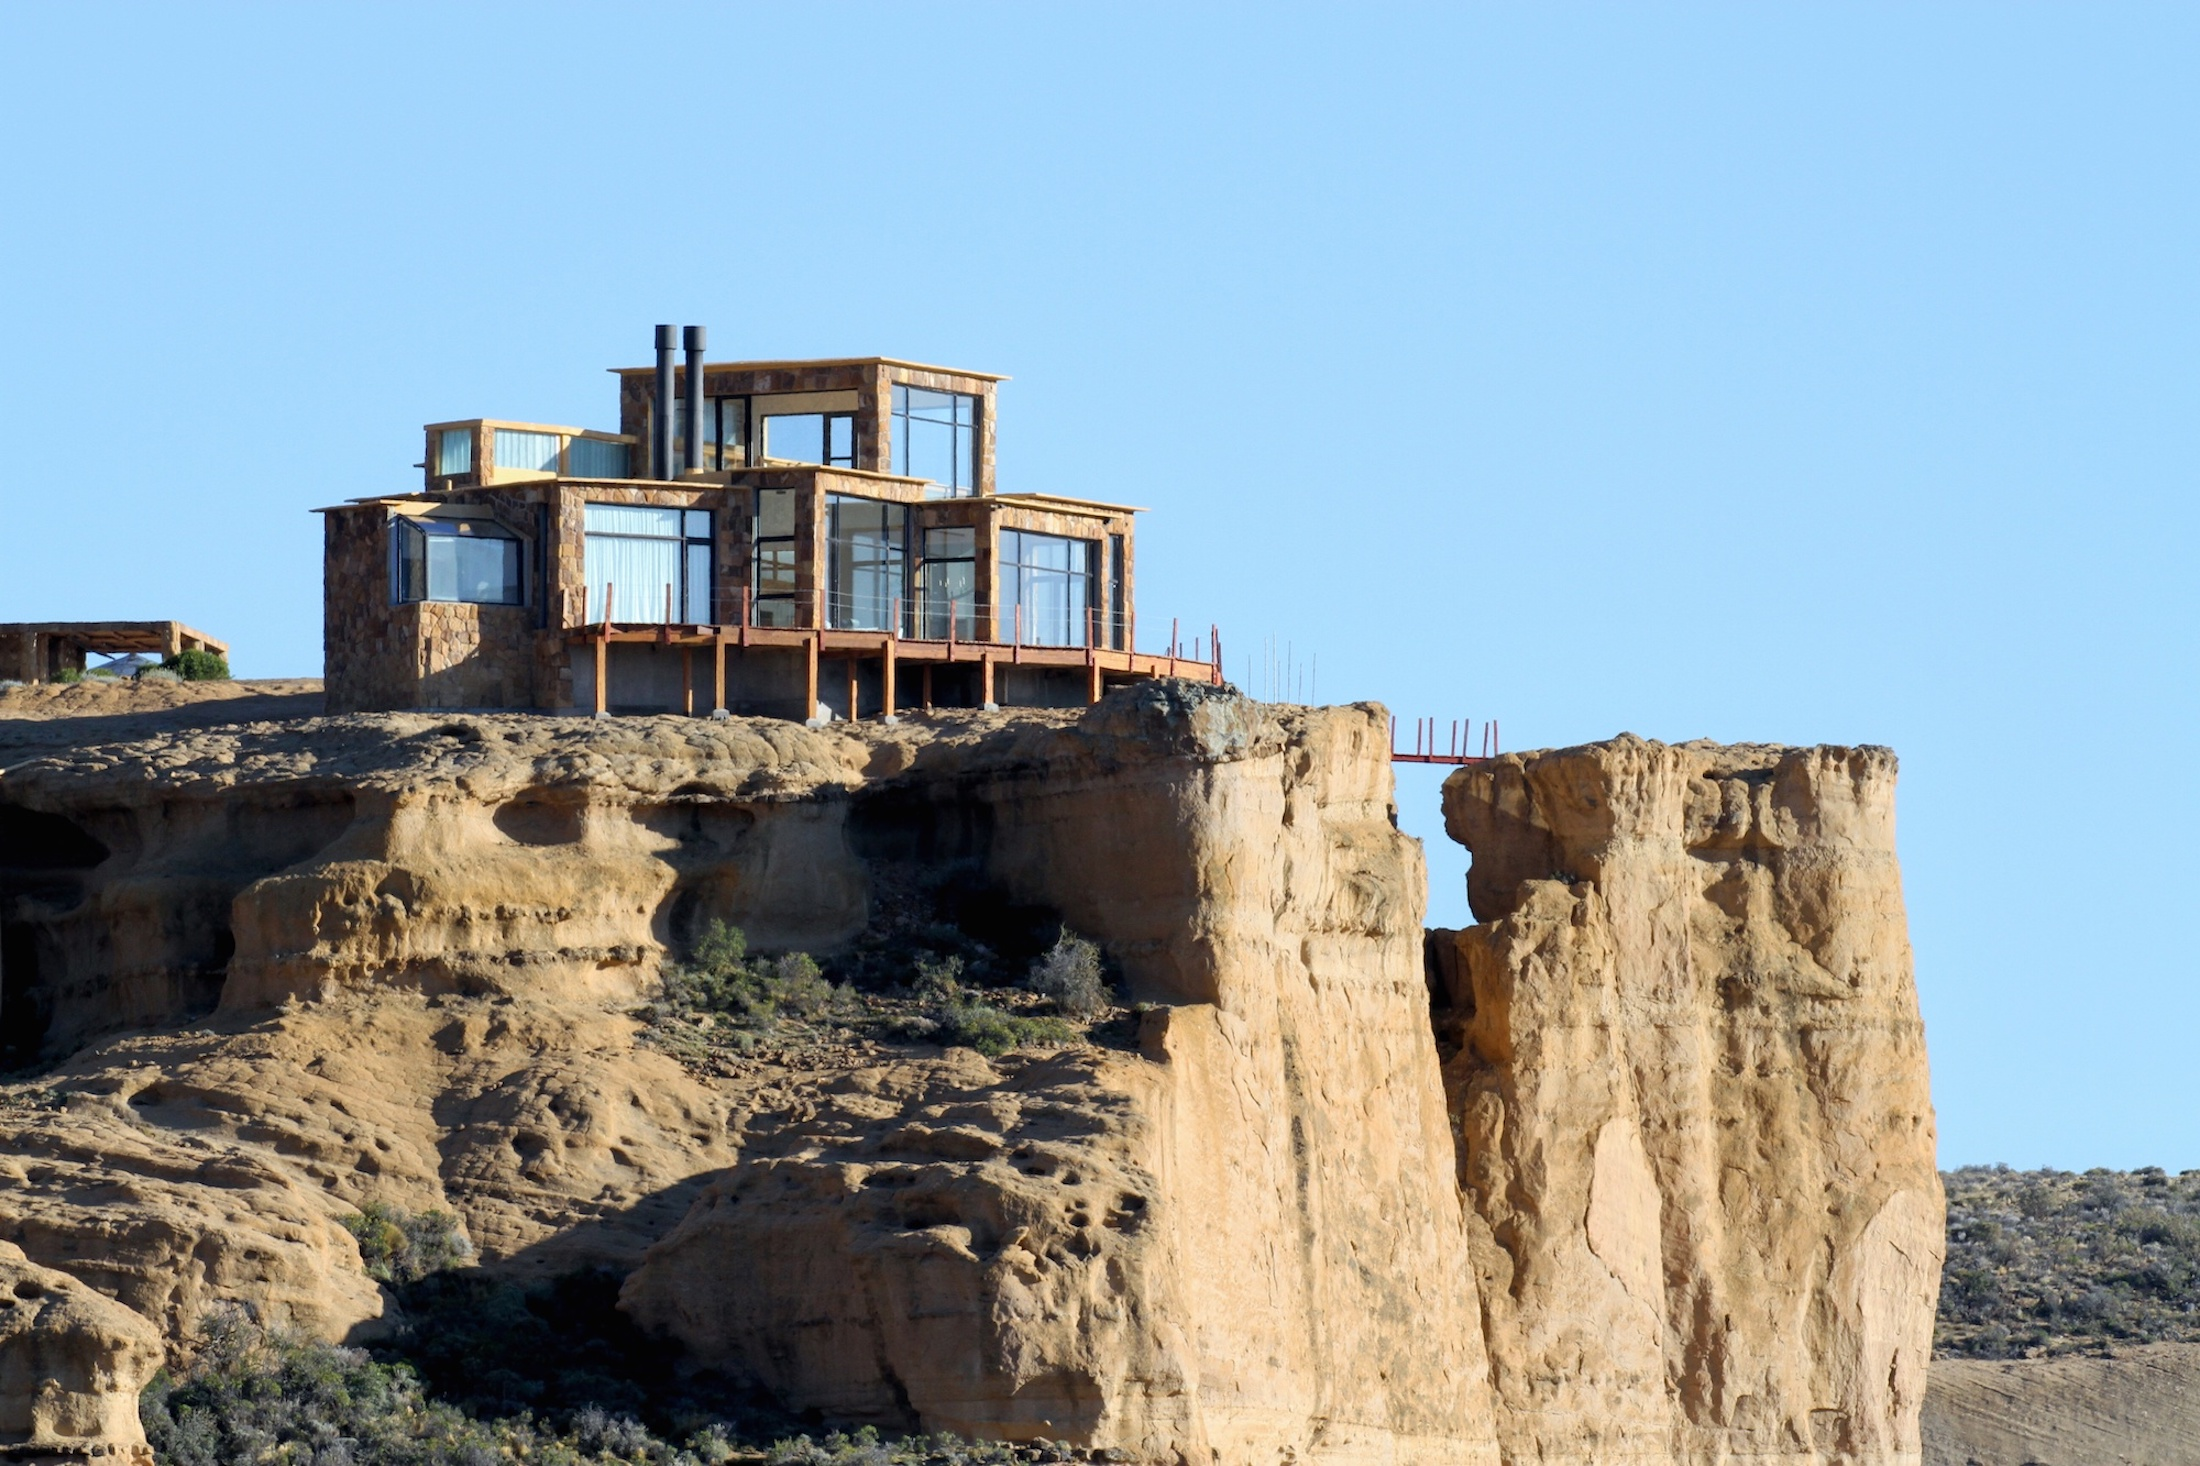 La casa está construida sobre una roca antigua que tiene más de 50 millones de años.